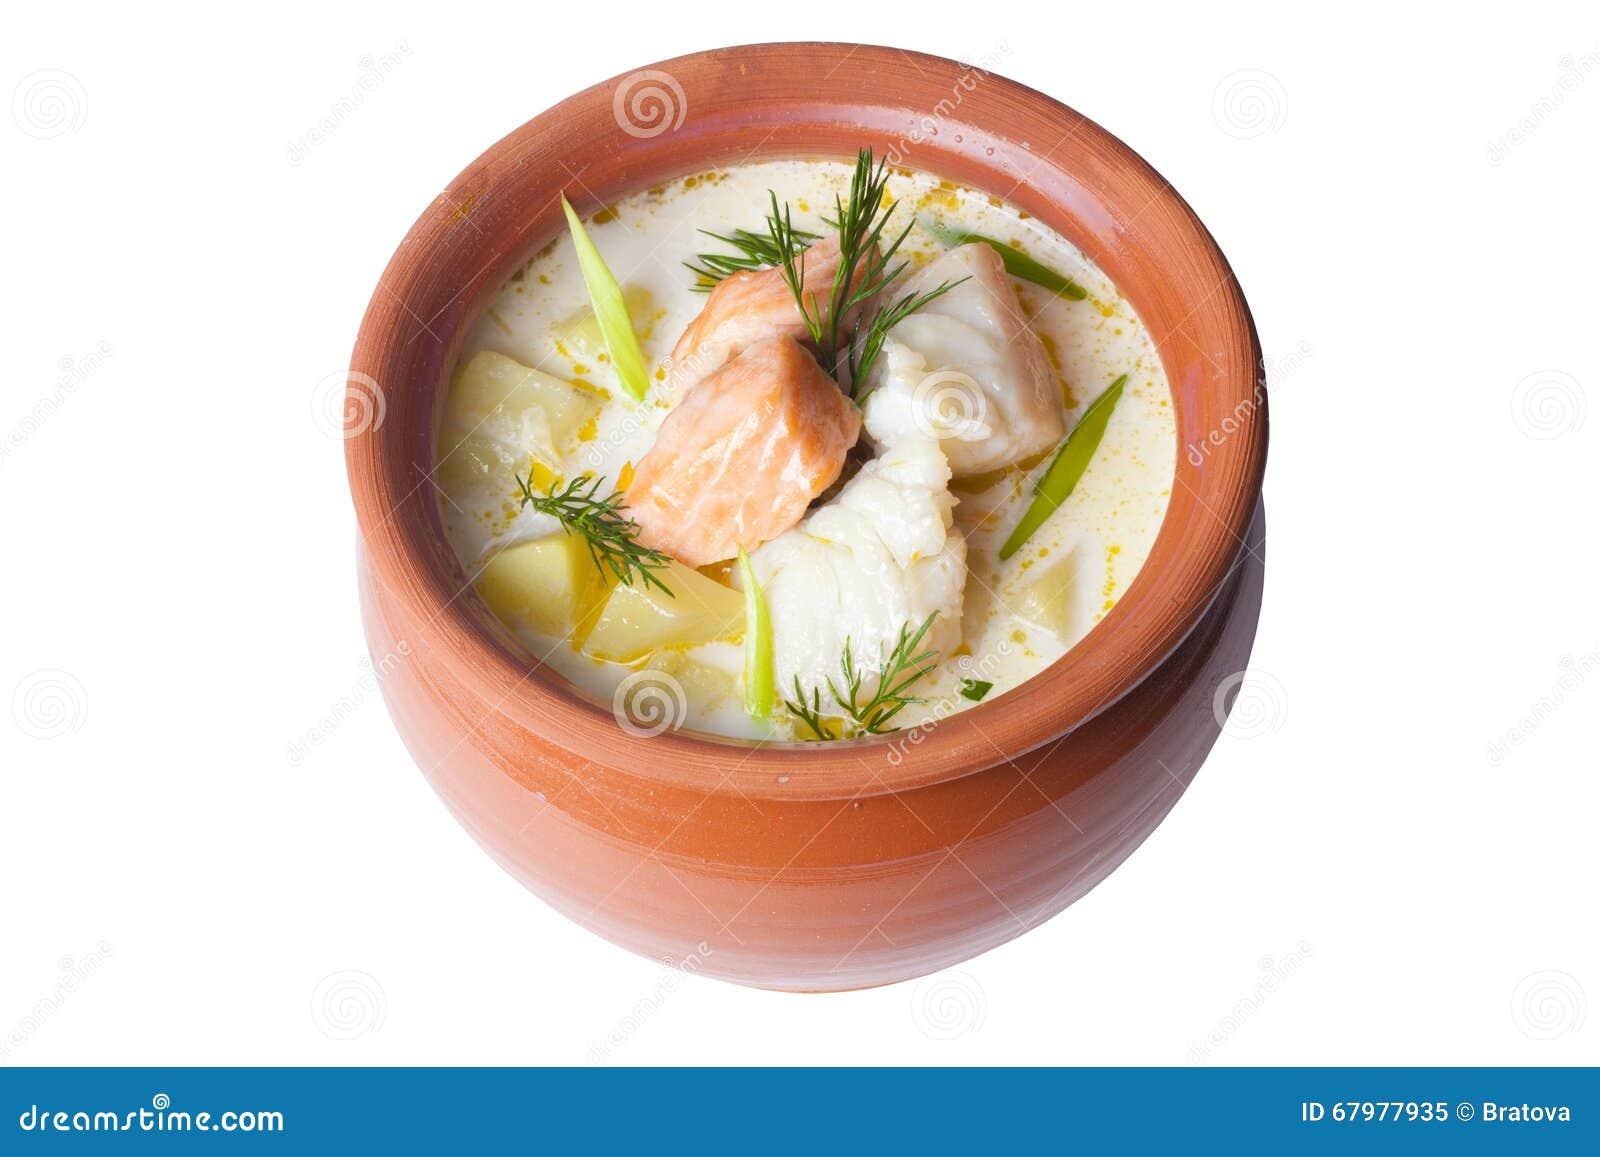 Уха по-фински со сливками рецепт с фото 8